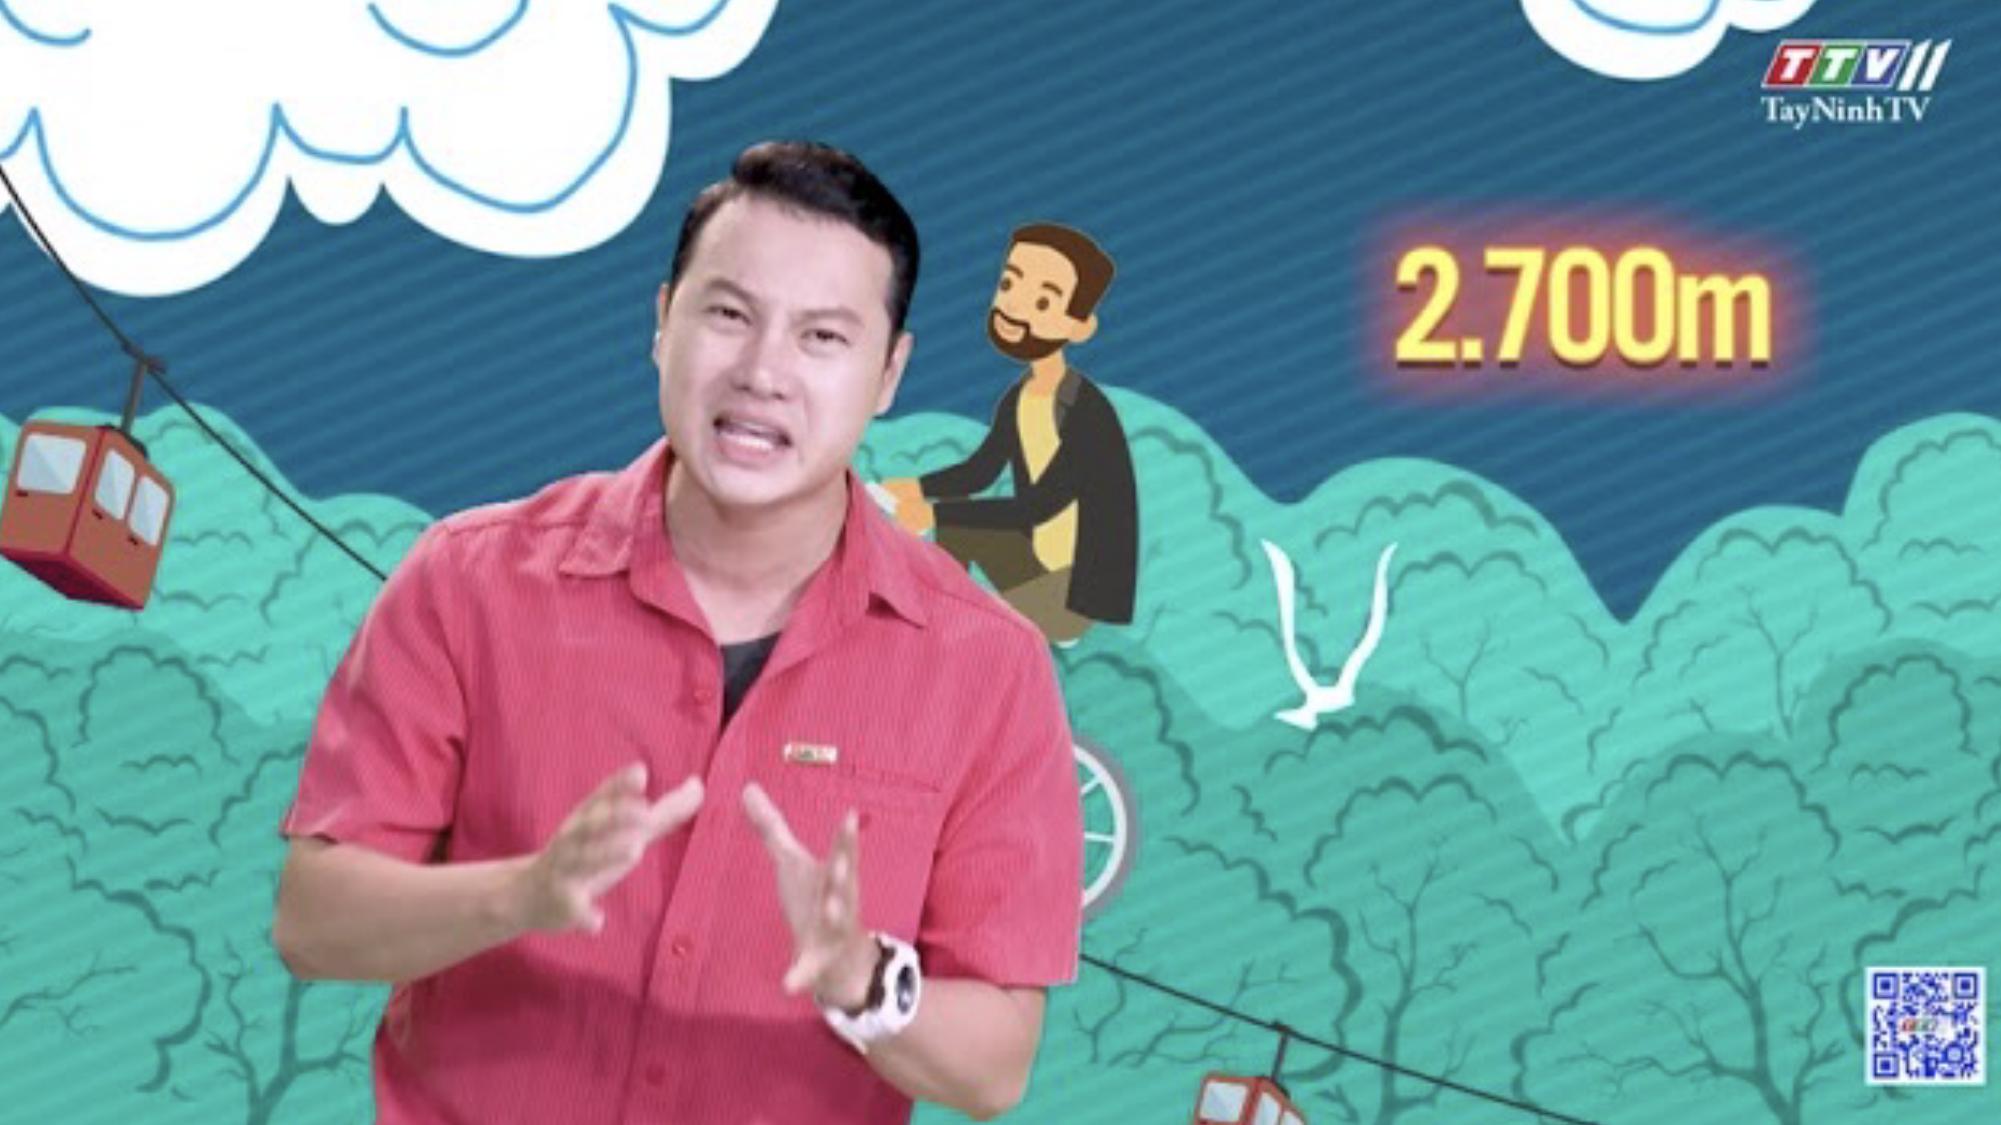 Chinh phục ngọn núi cao cùng với thanh tạ trên vai | CHUYỆN ĐÔNG TÂY KỲ THÚ | TayNinhTV